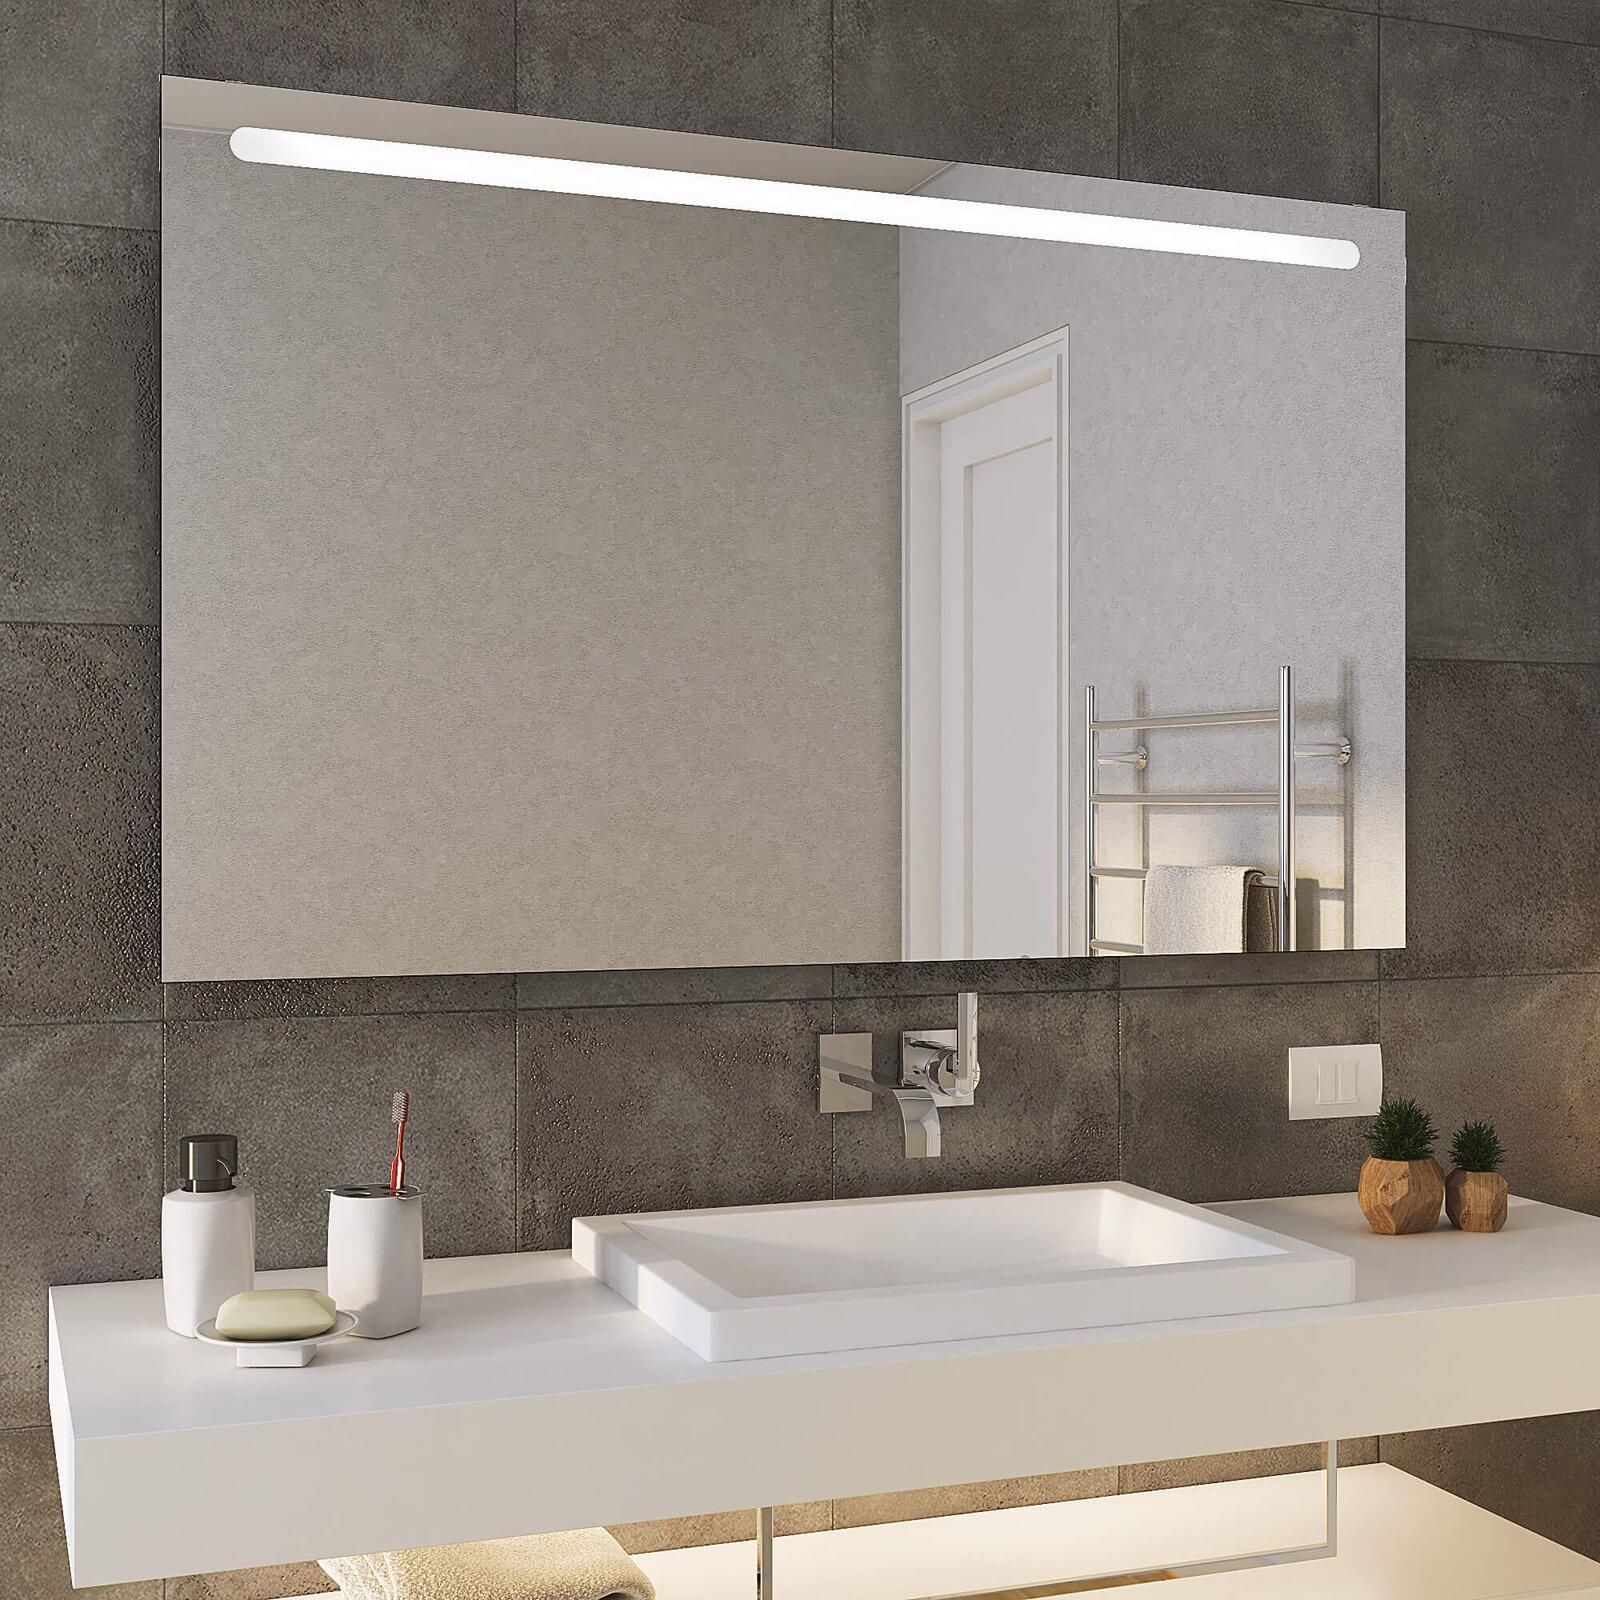 Badezimmerspiegel Mit Lampe.Badspiegel Mit Led Licht Bonn Top Sofort Lieferbar